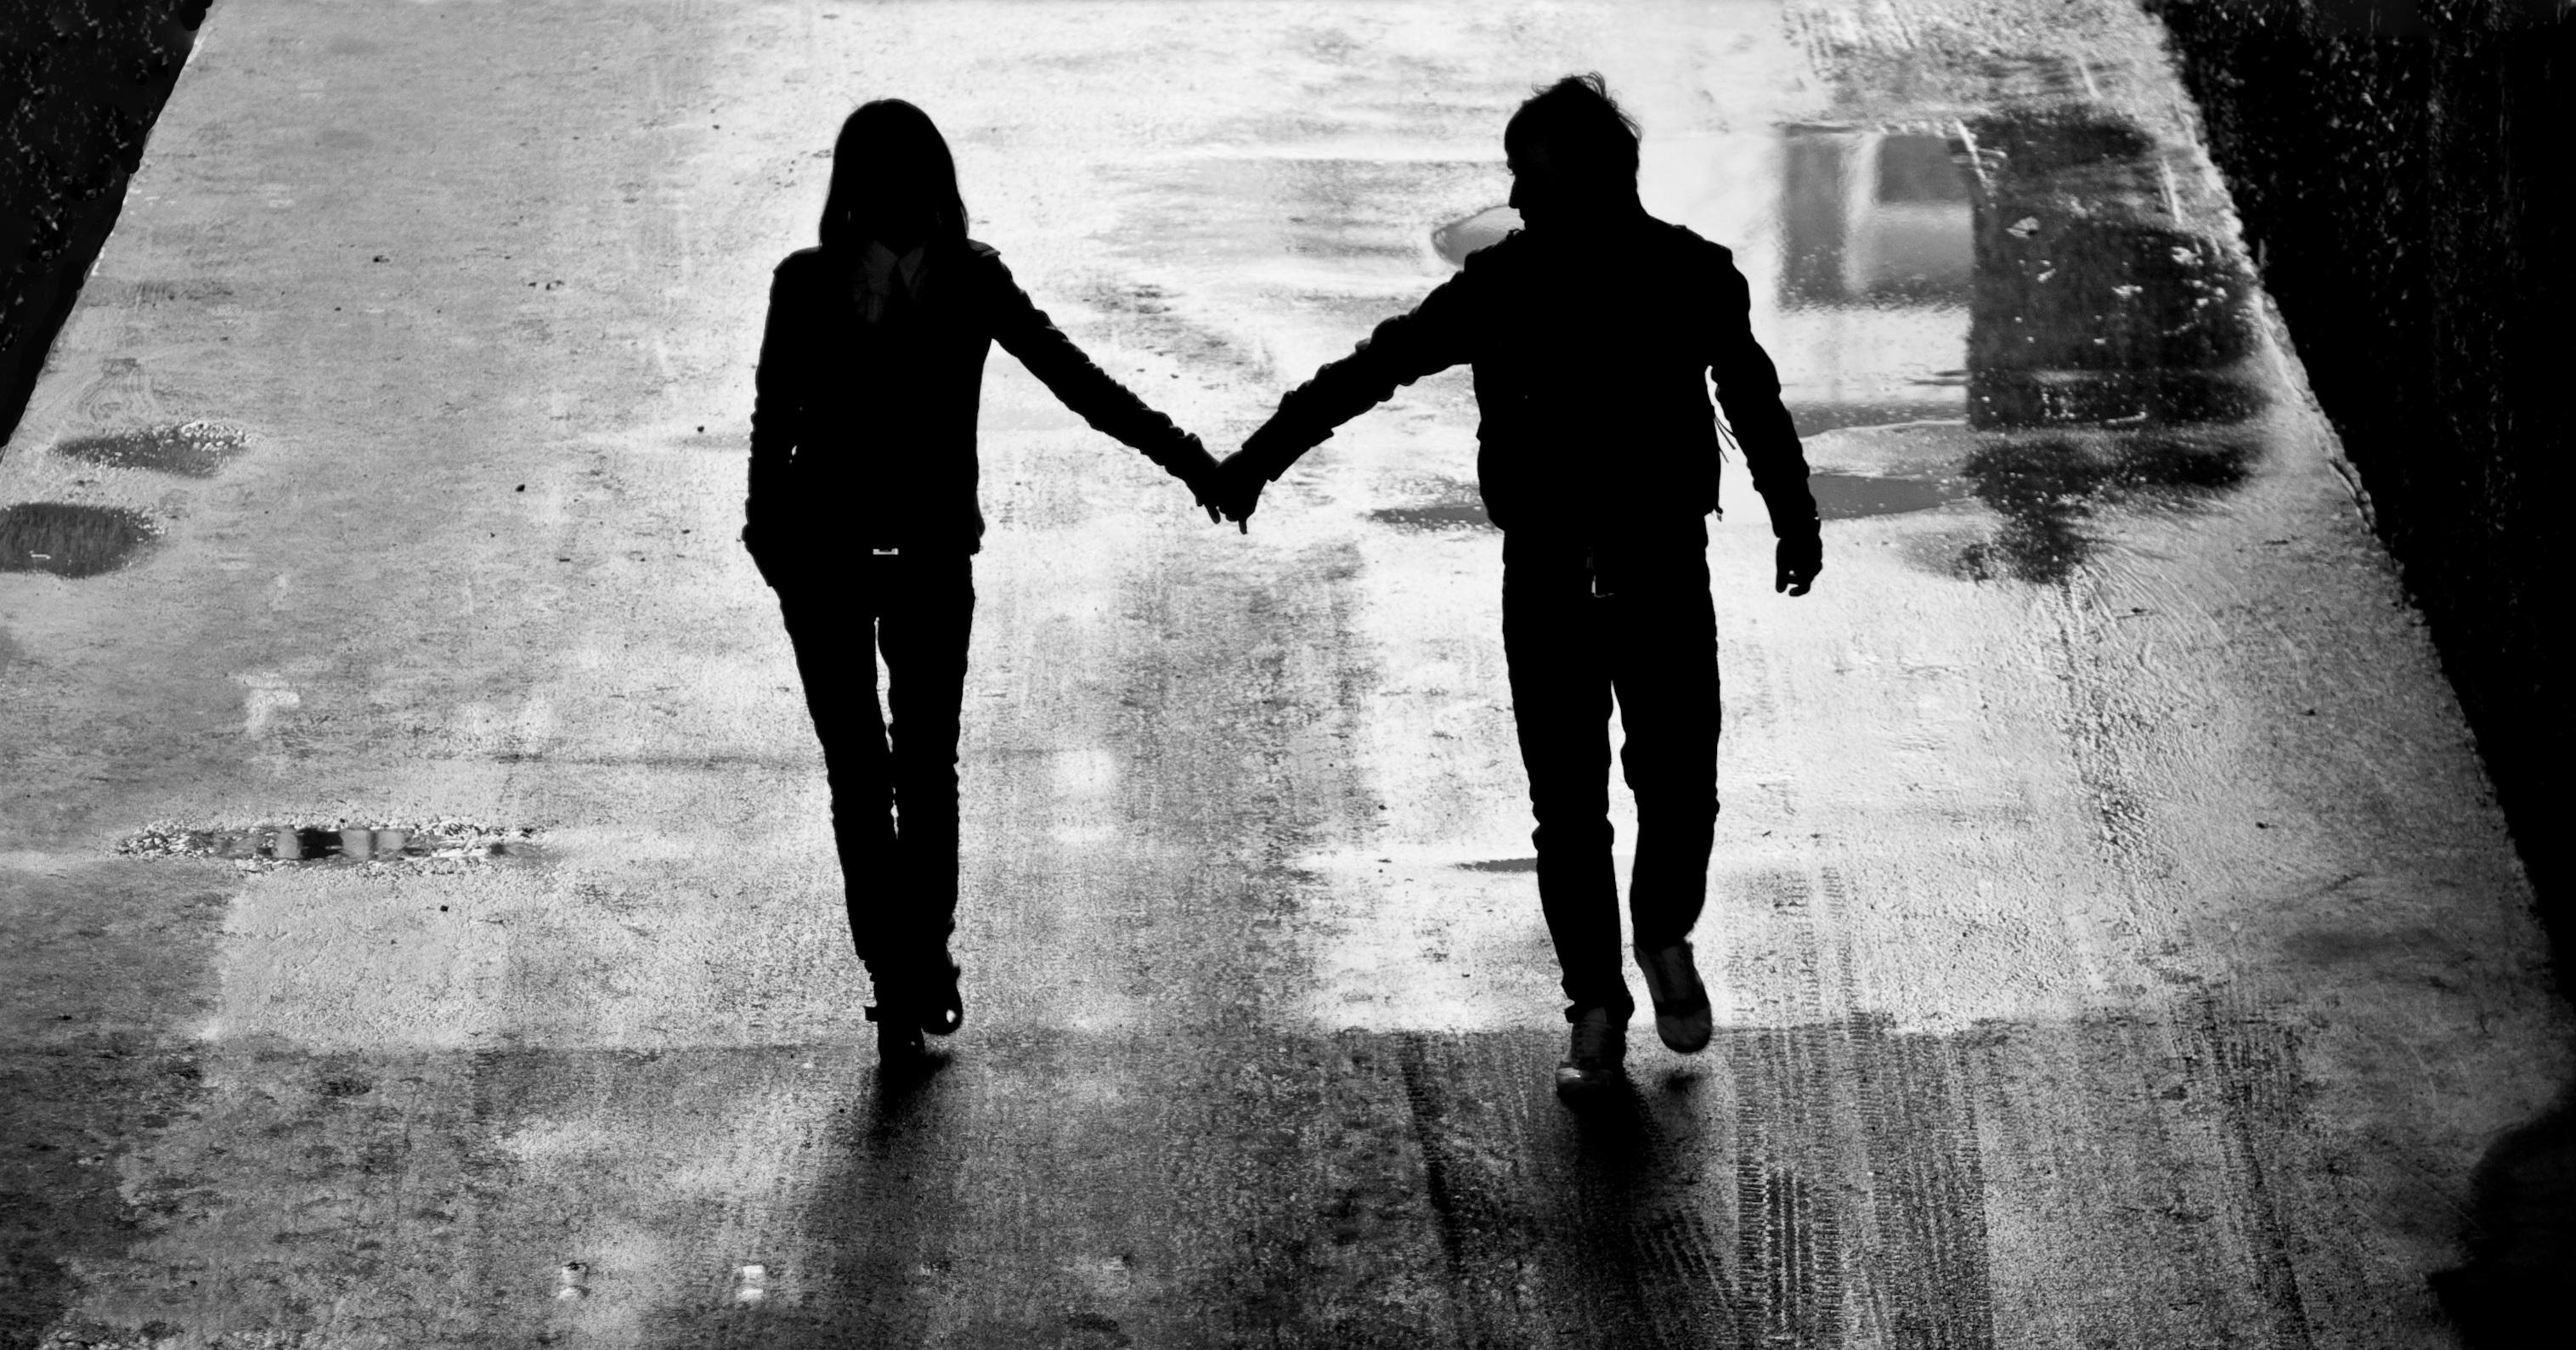 Математике для, ава в картинках о ссорах влюбленных